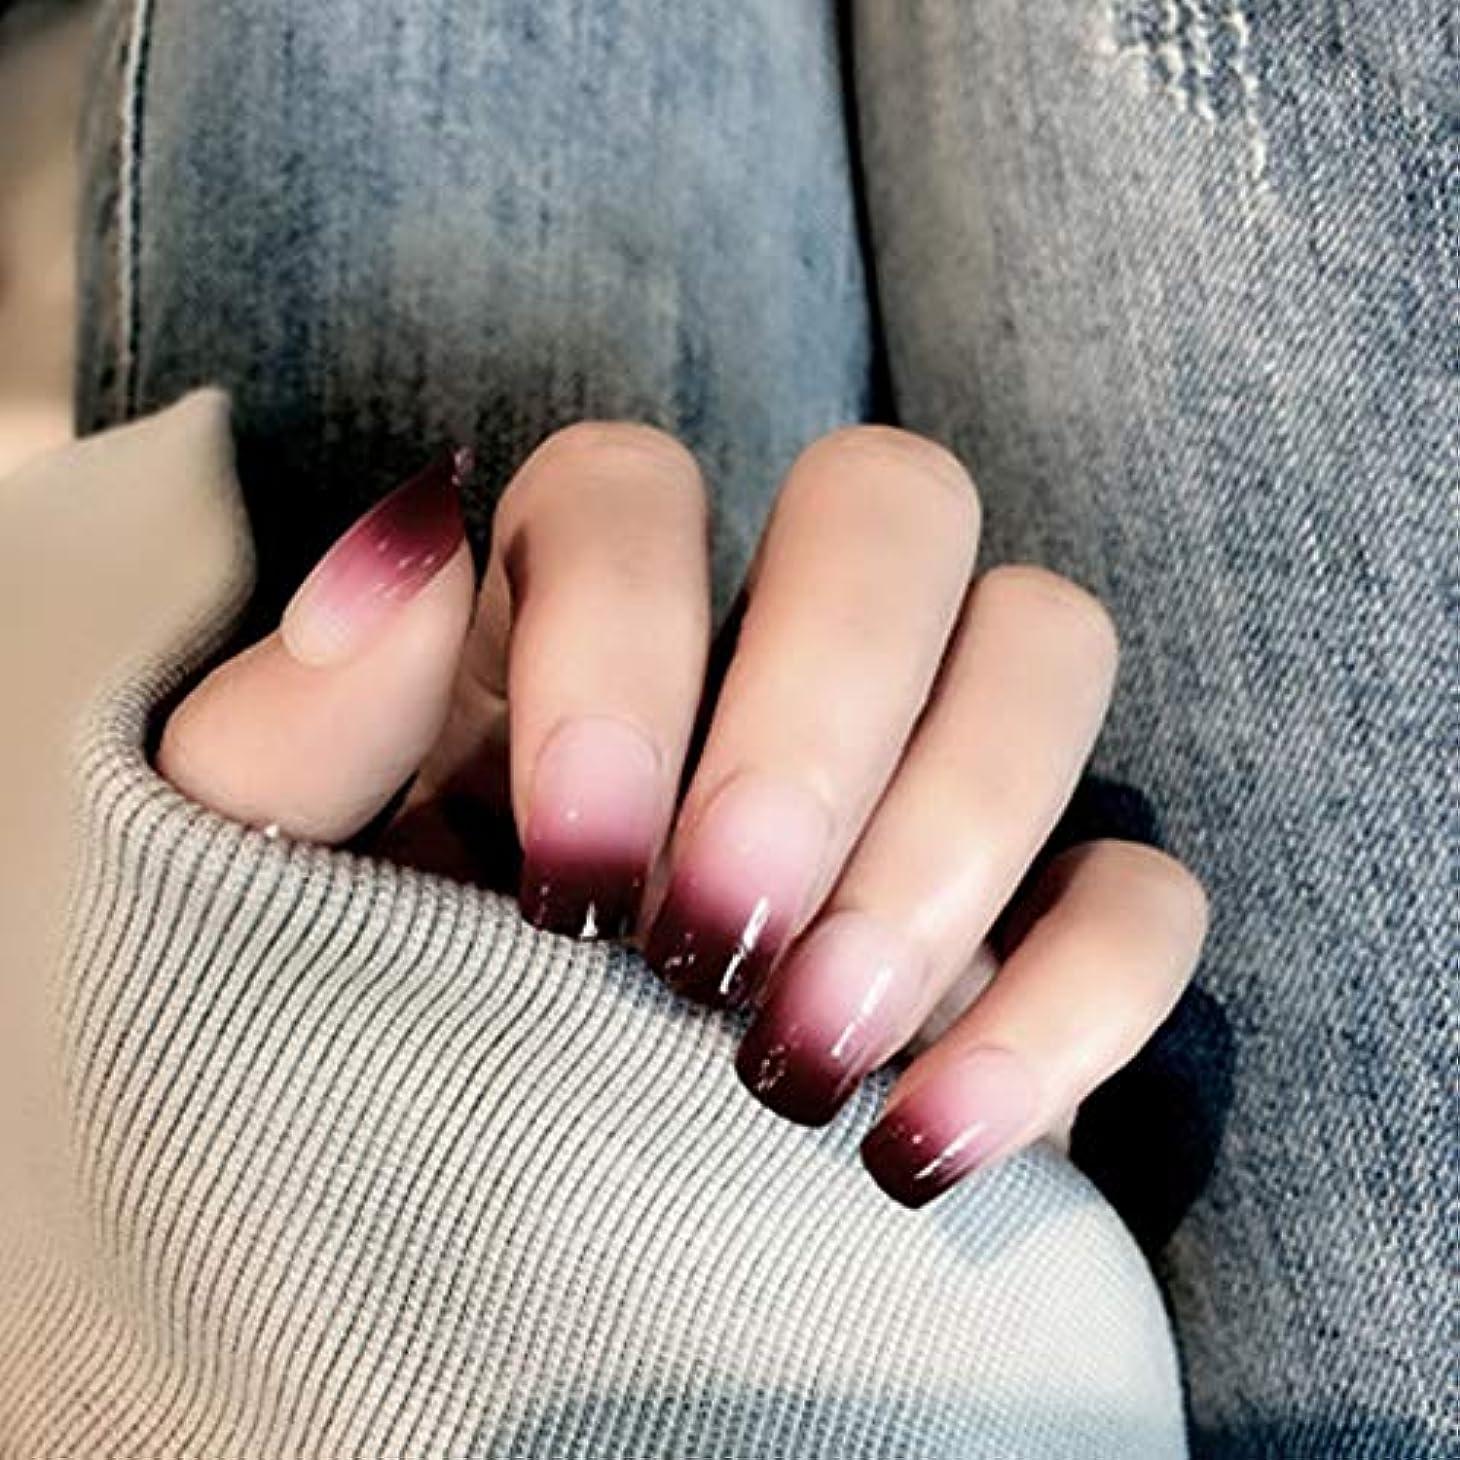 相互接続疑わしいペダルXUTXZKA 女性およびステッカーのための24のPCの赤い勾配色の長い偽の釘の方法偽造品の釘